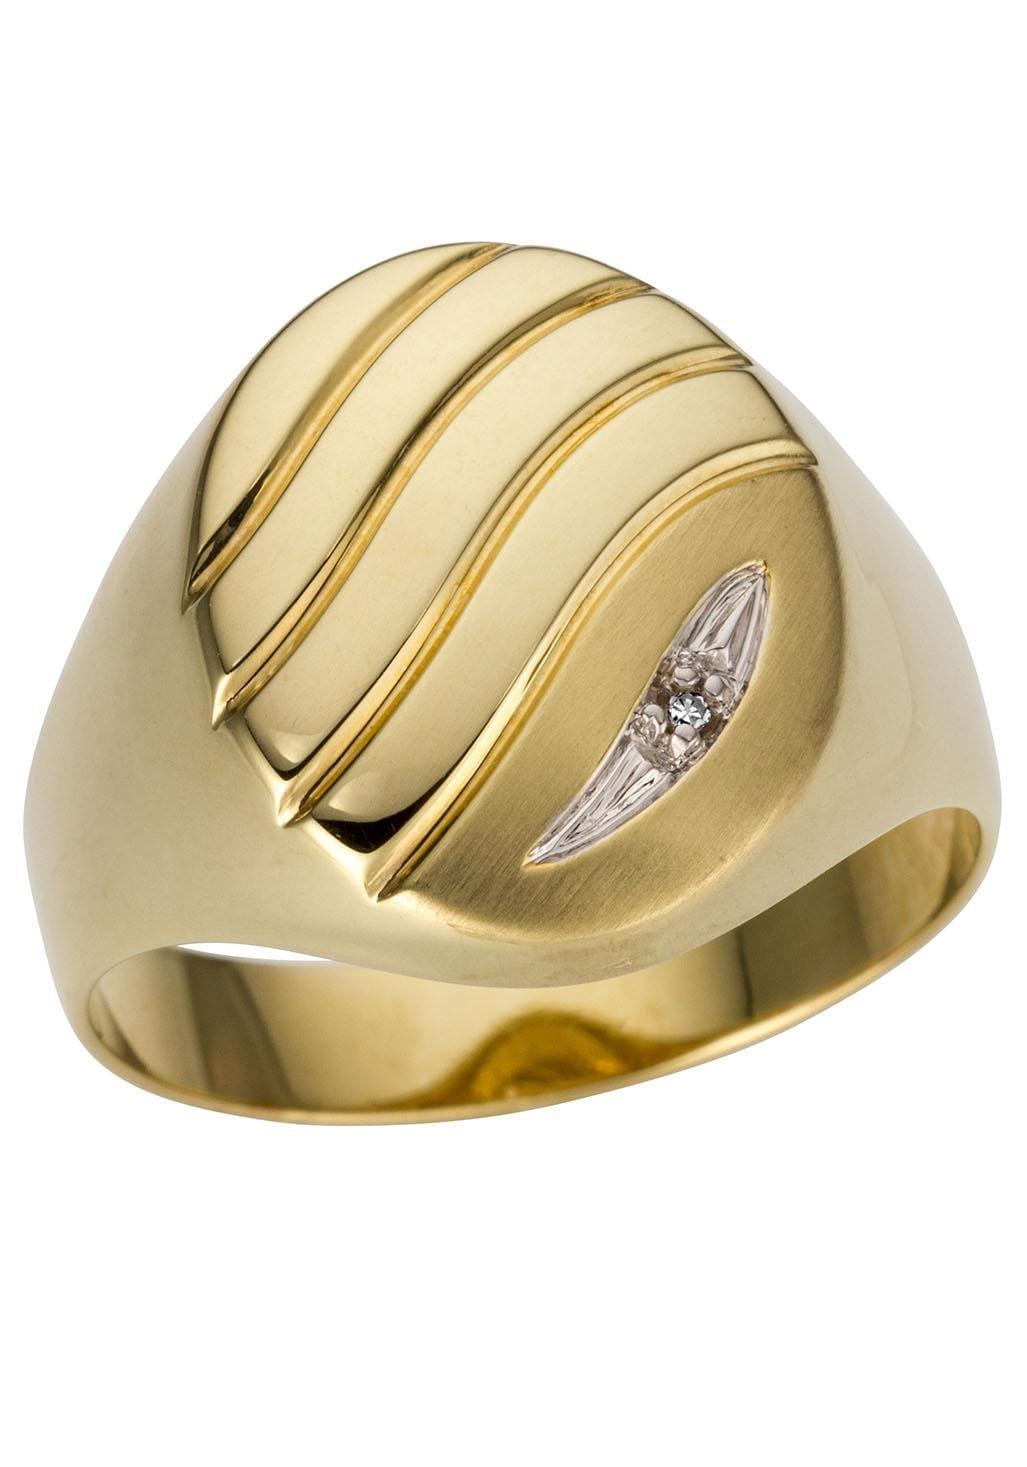 Firetti Goldring Glanz rhodiniert matt bicolor Ringkopf mit Rillen | Schmuck > Ringe | Firetti